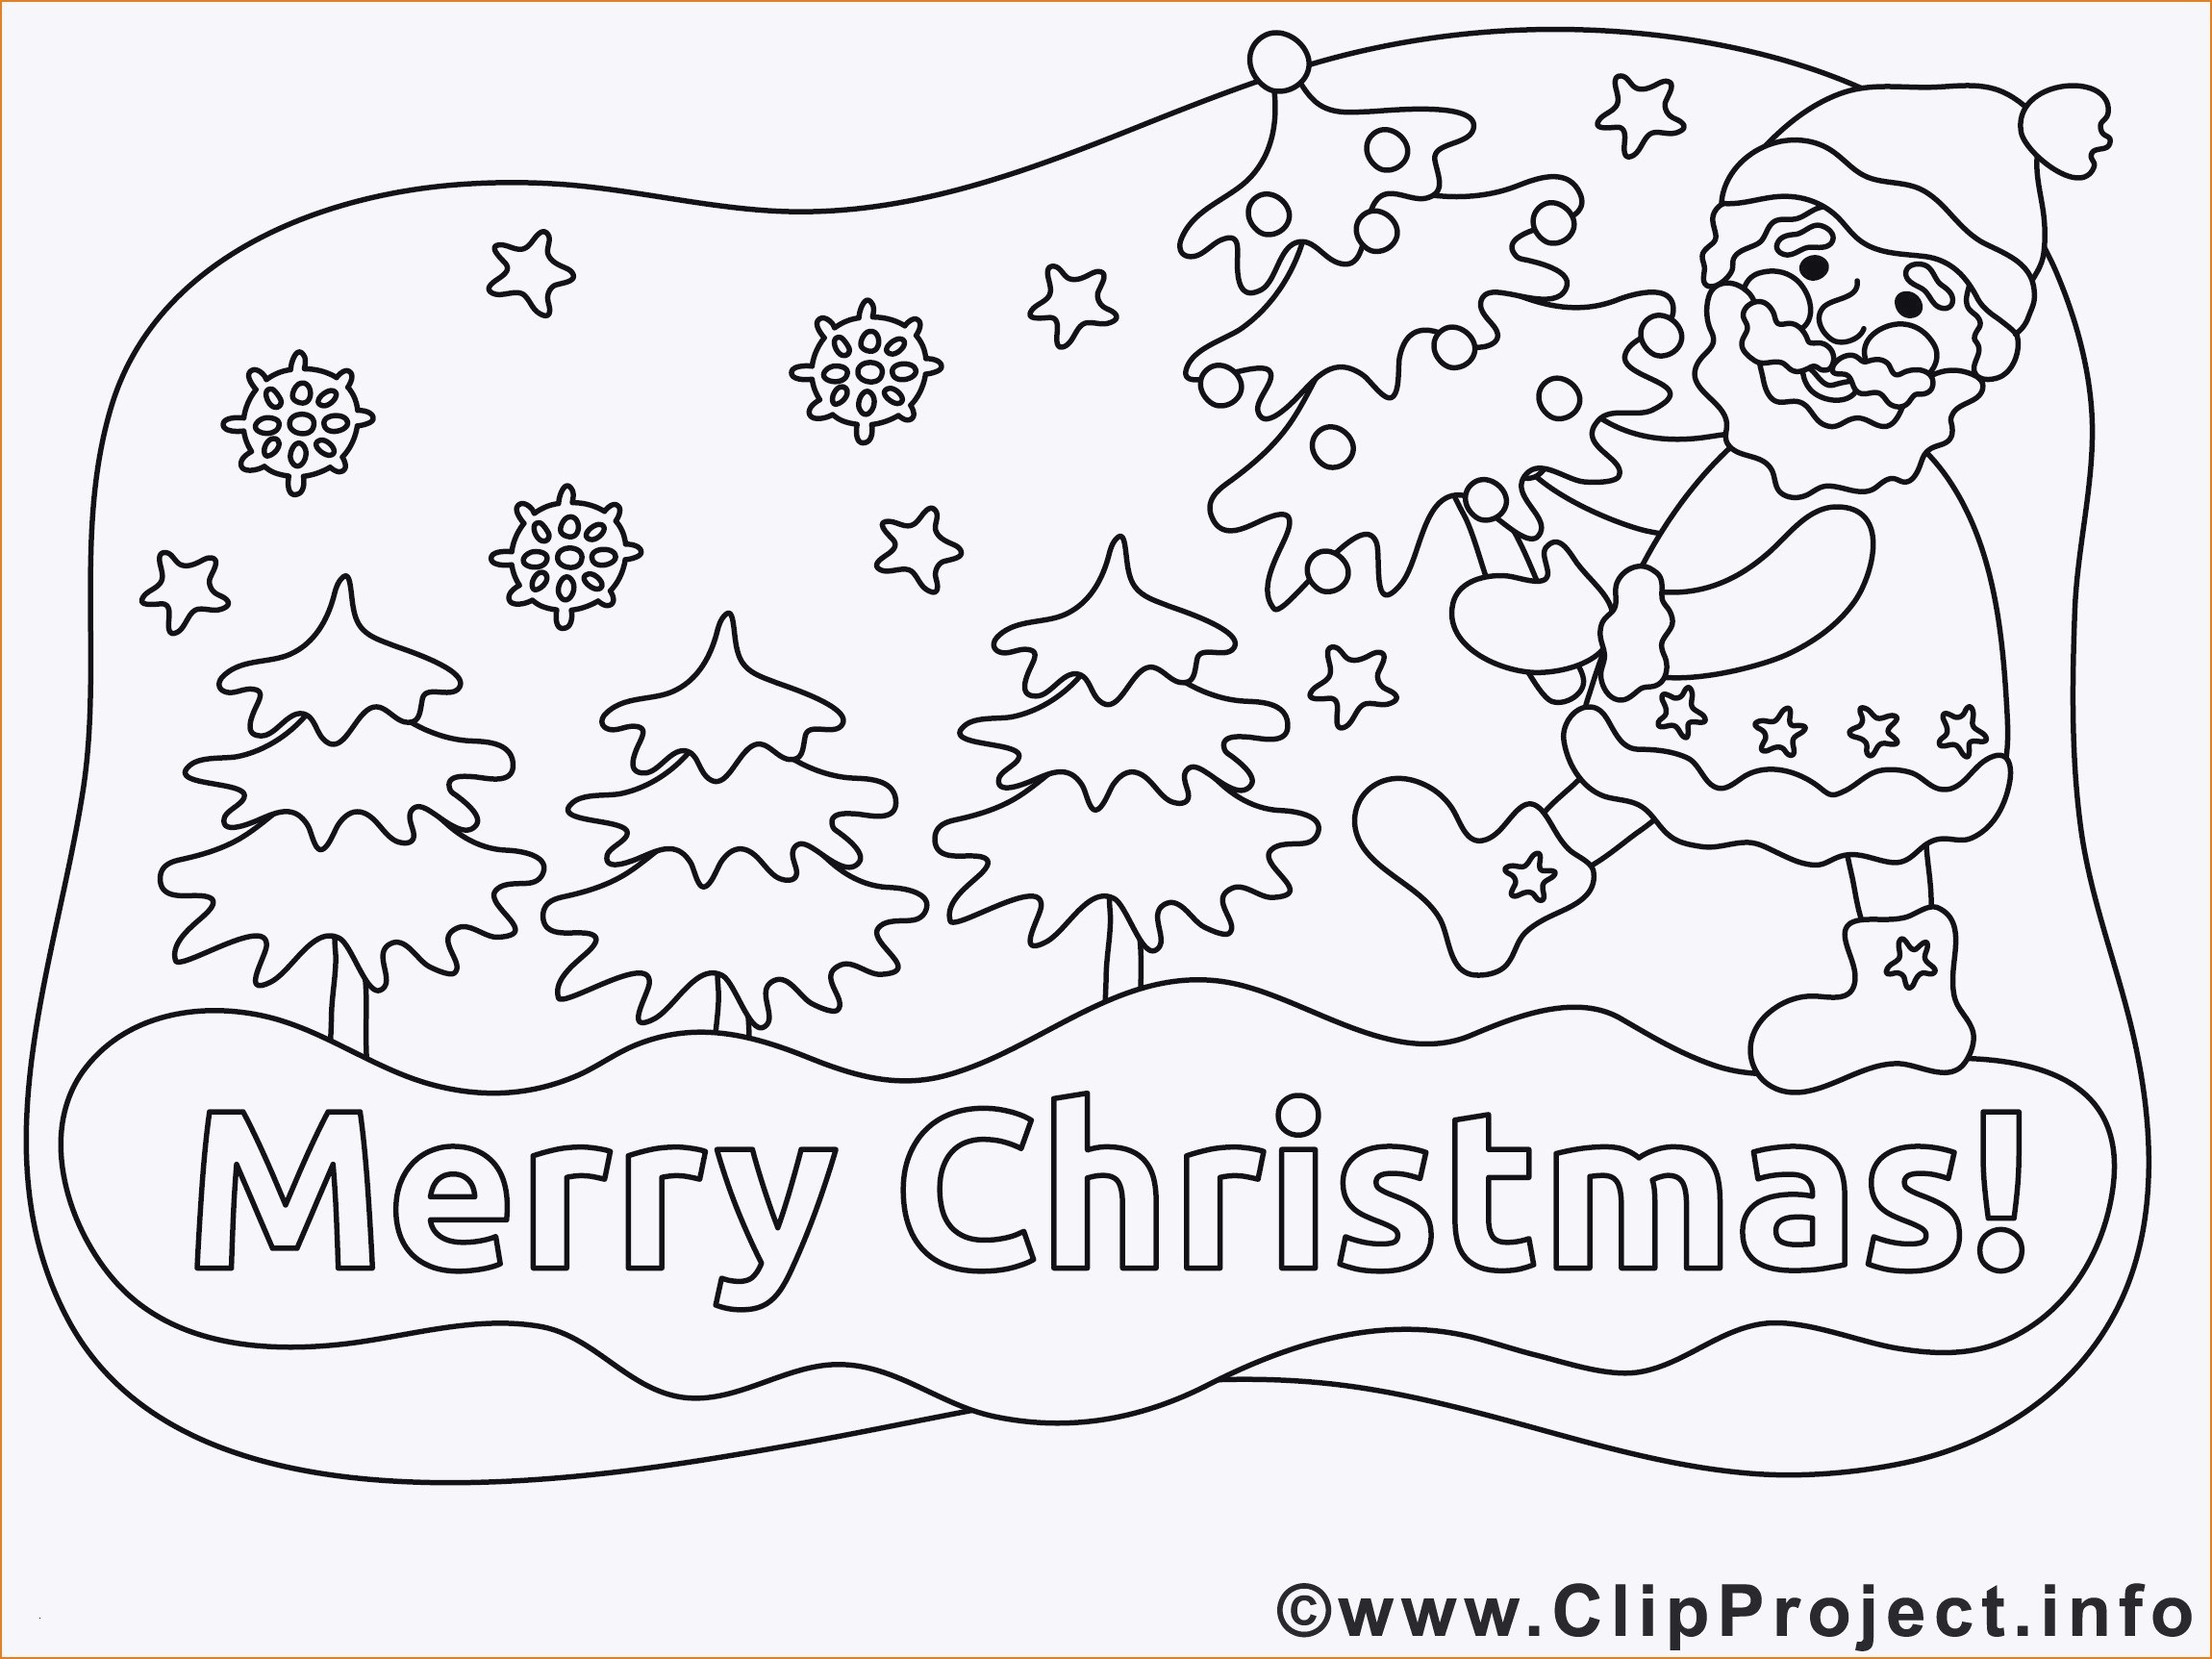 Ausmalbilder Weihnachten - Malvorlagen Für Kinder bei Ausmalbild Weihnachten Kostenlos